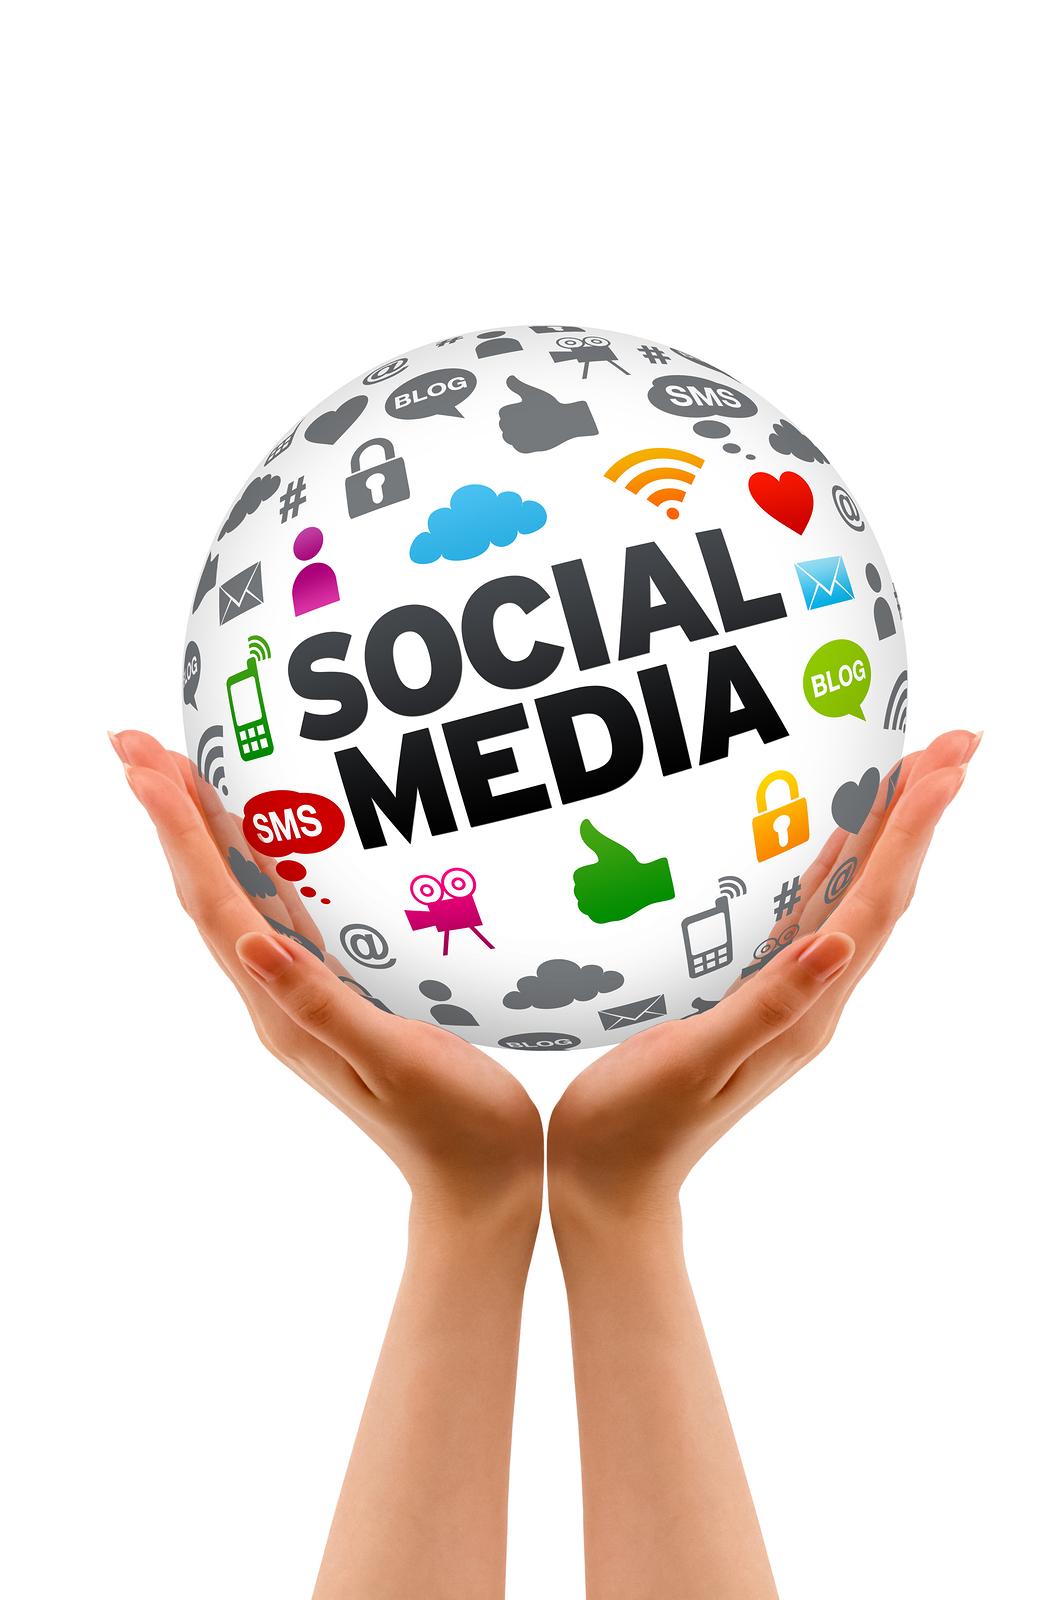 strategies in social media